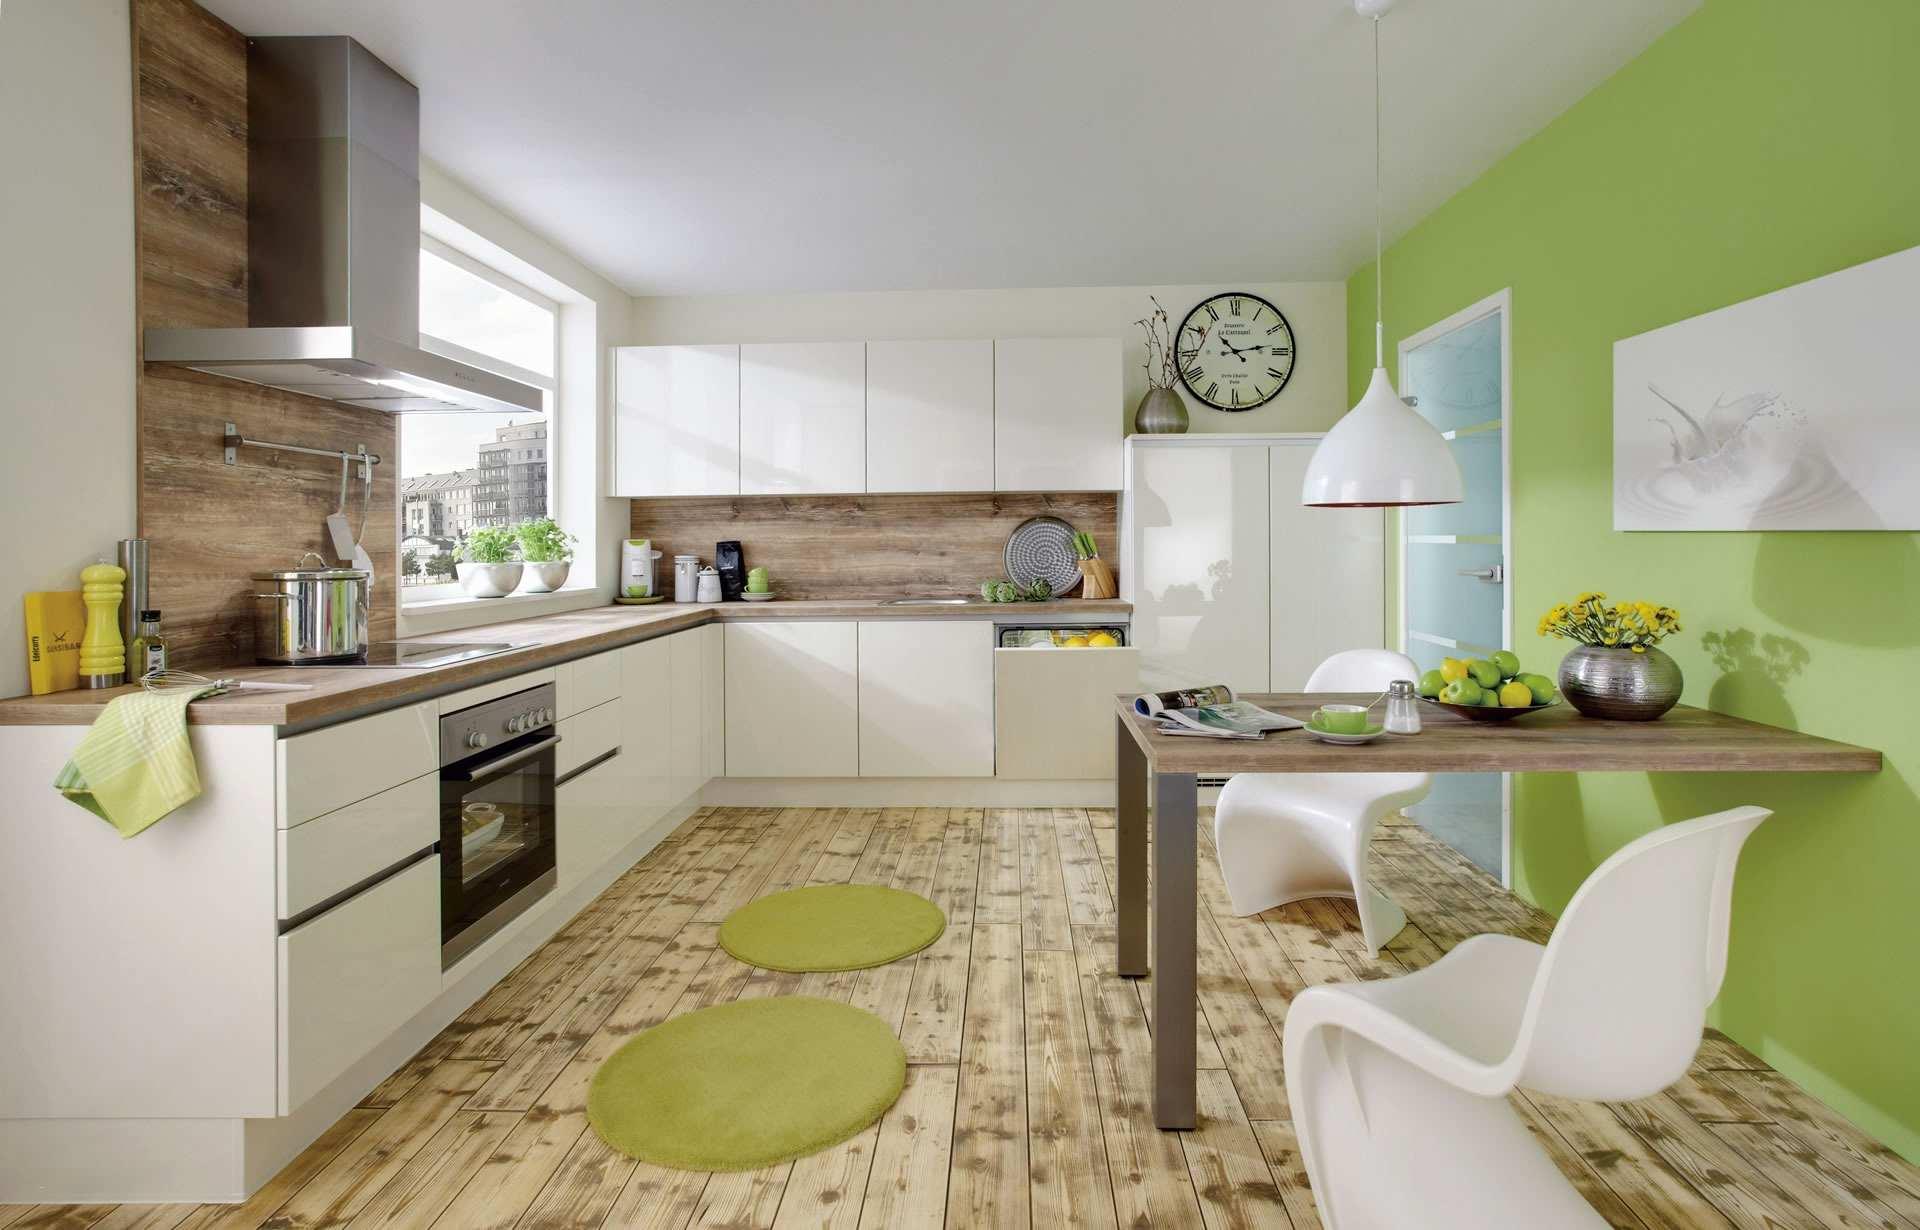 Full Size of Küche Wandfarbe Kche Farbe Wand Inspirierend Streichen Farbideen Fotos Klapptisch U Form Modulküche Ikea Grifflose Türkis Kaufen Blende Teppich Für Wohnzimmer Küche Wandfarbe